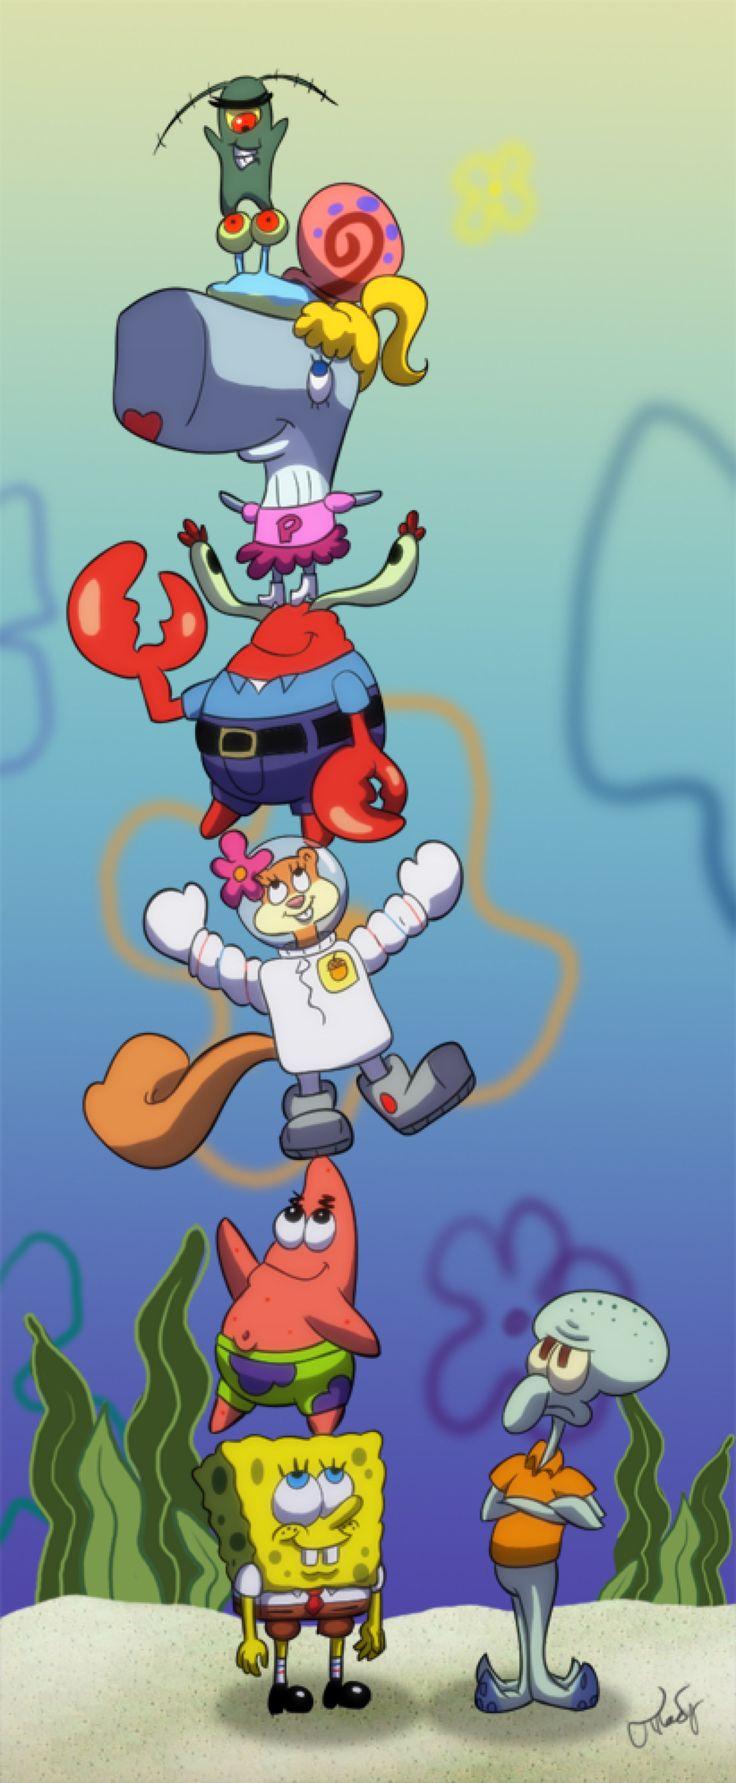 SpongeBob Stack by chesney on @DeviantArt